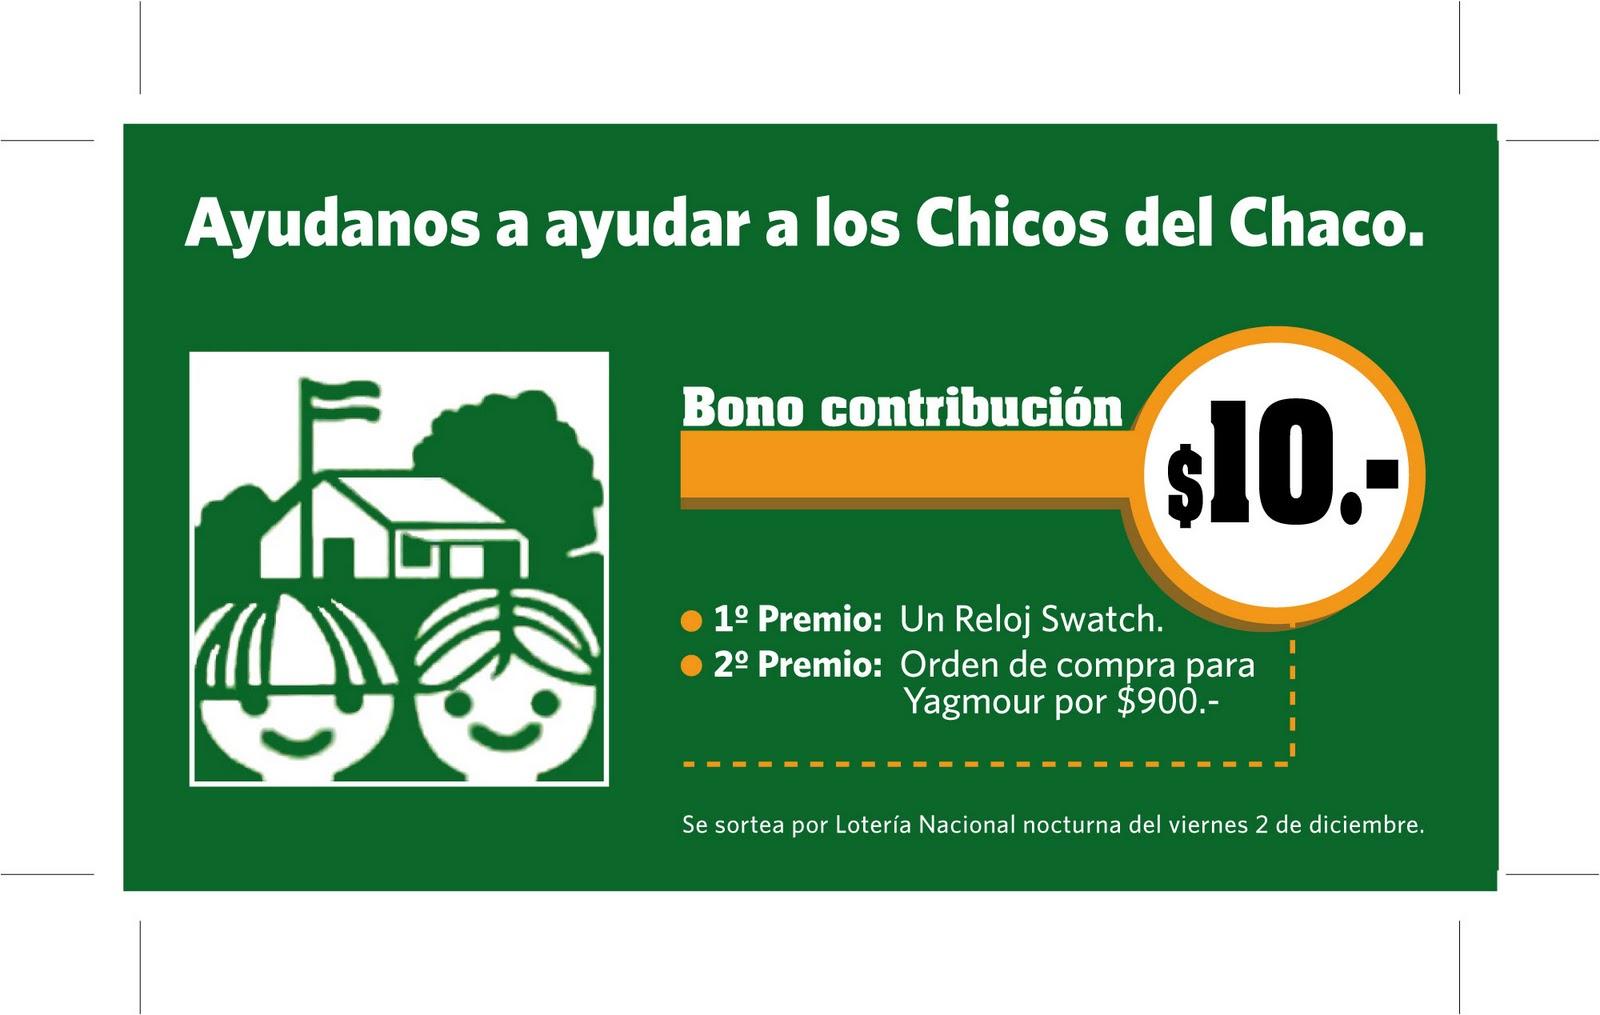 LOS CHICOS DEL CHACO